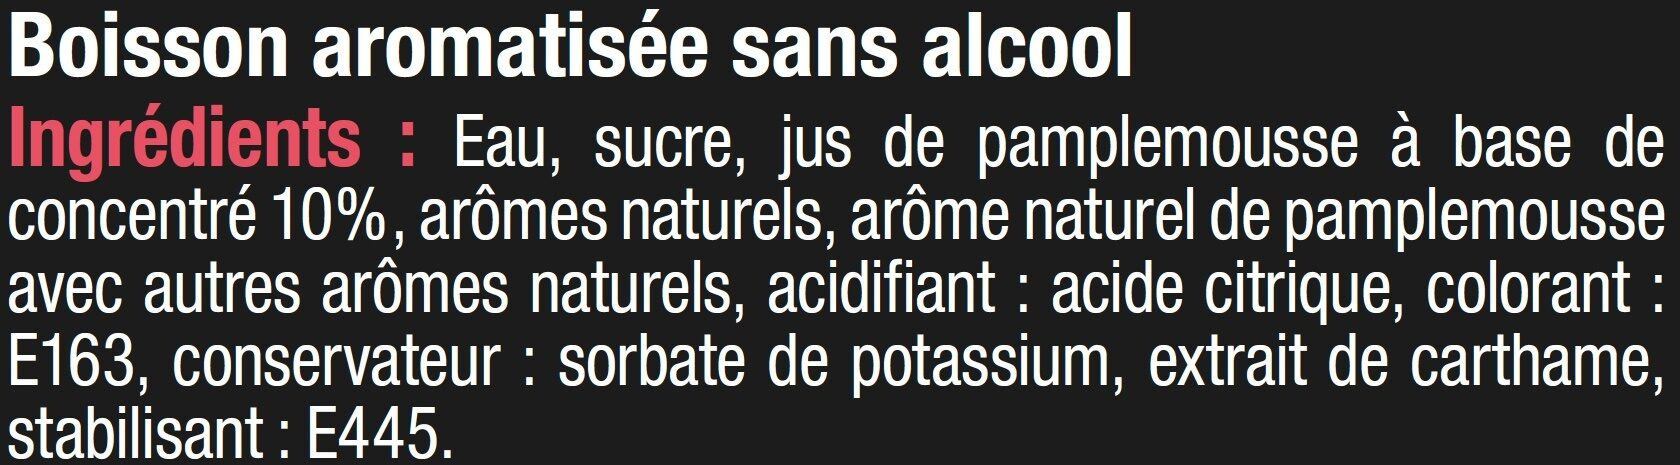 Cocktail sans alcool rose pamplemousse - Ingrediënten - fr